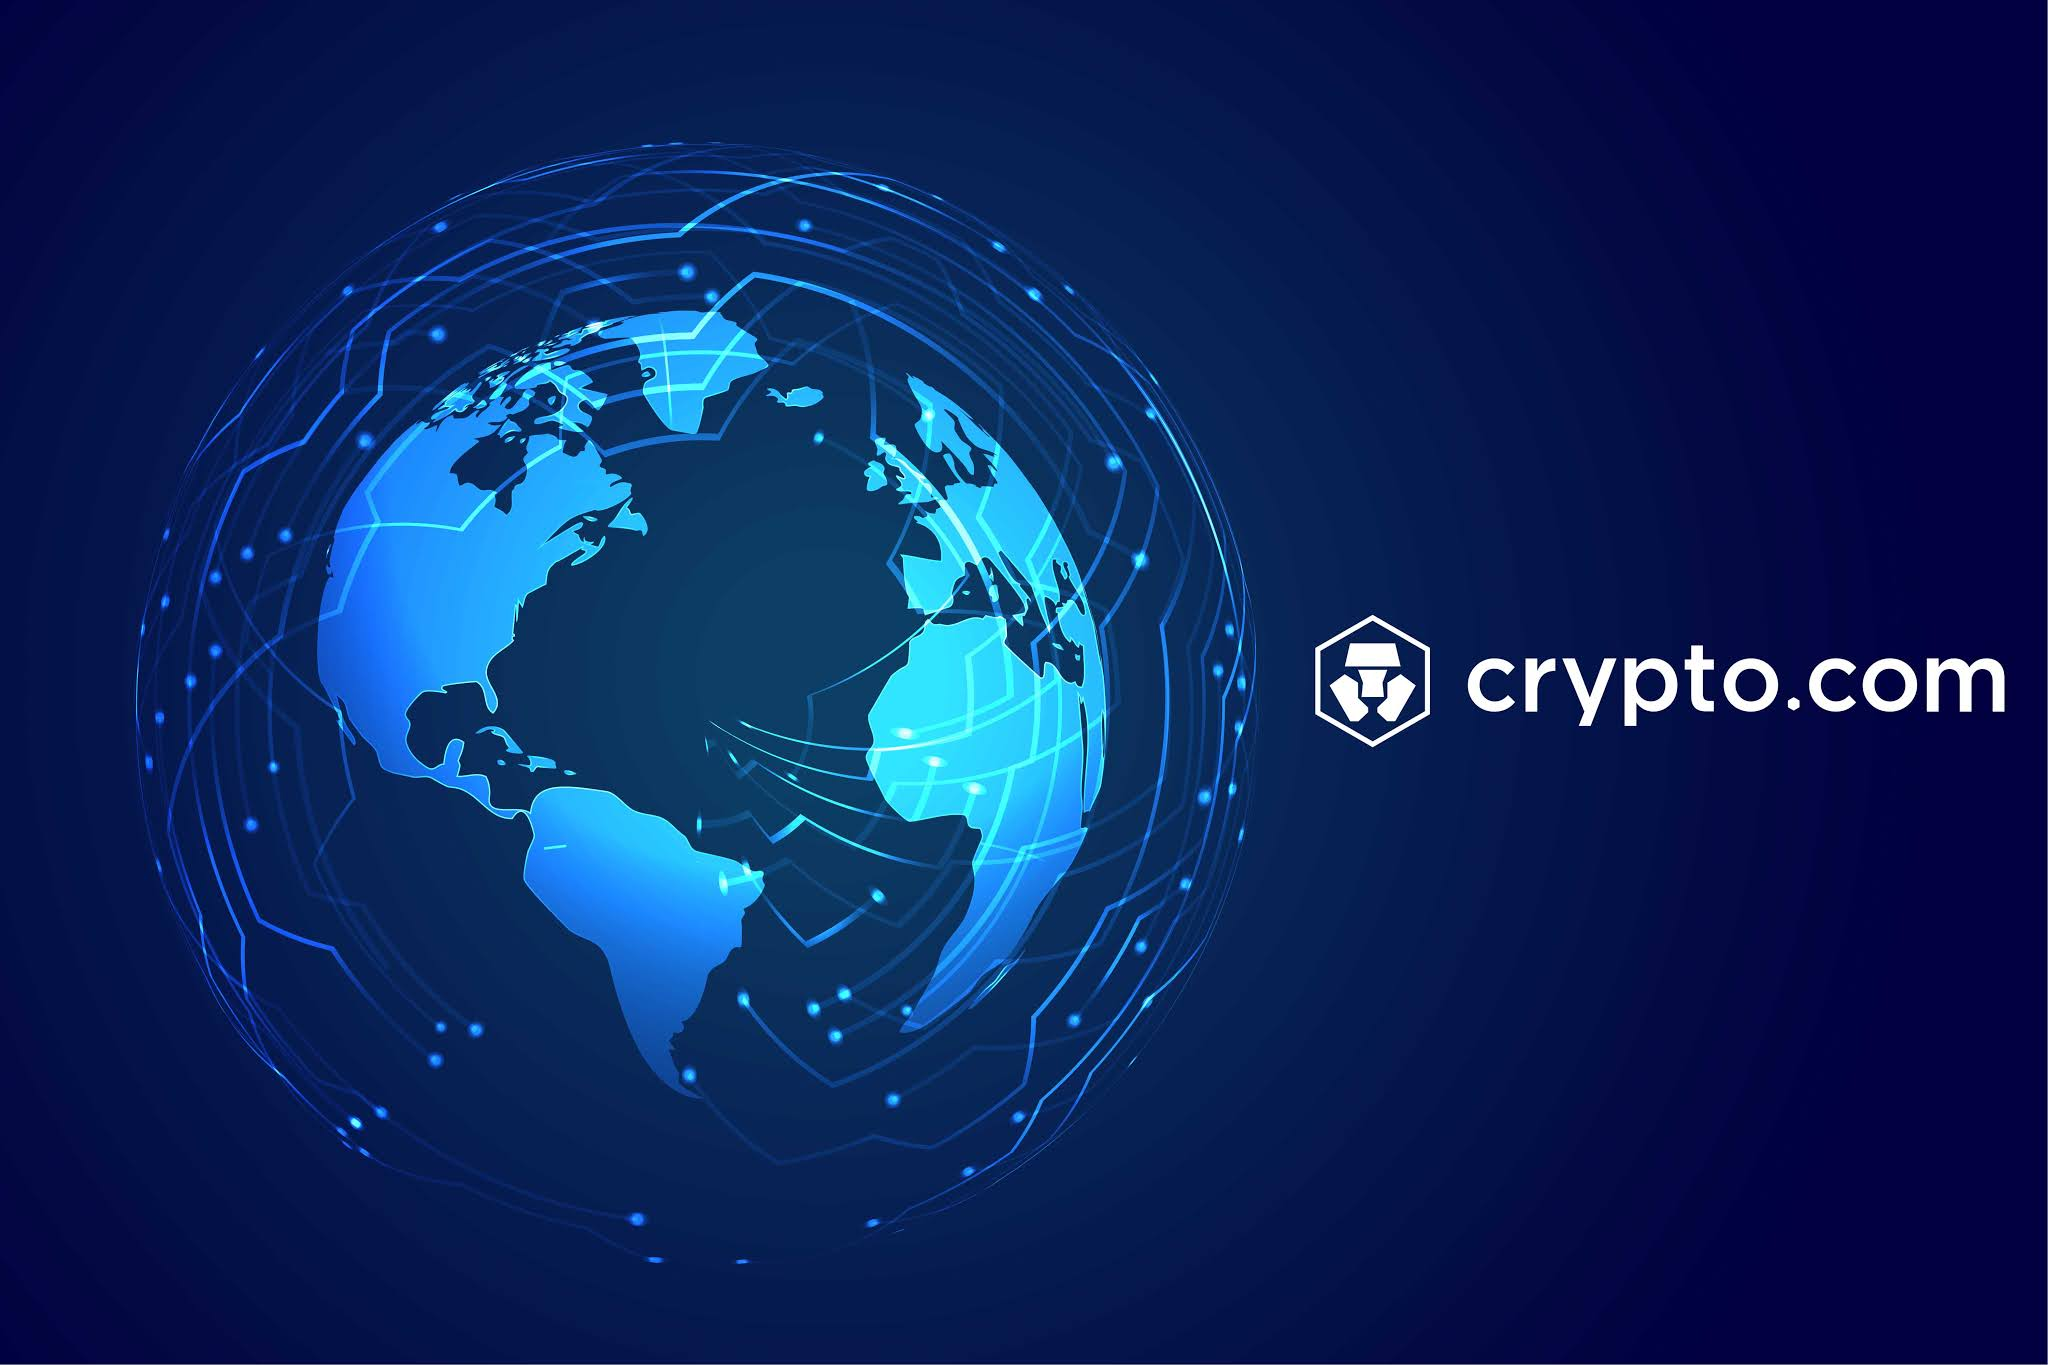 crypto.com mainnet